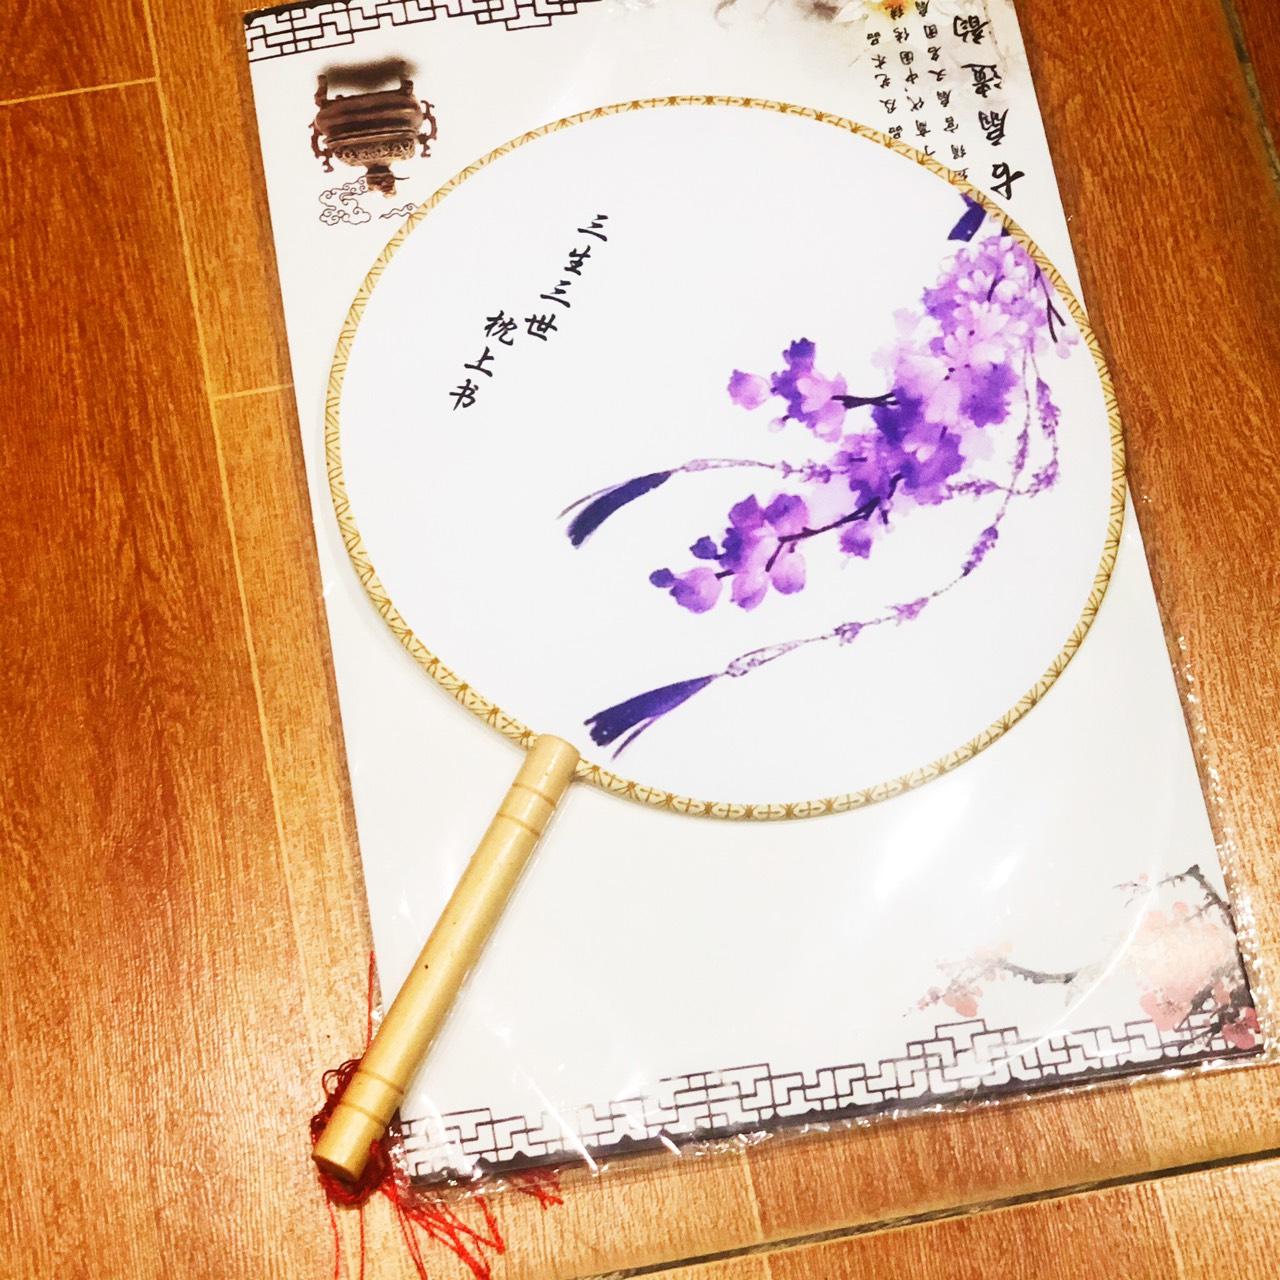 Quạt tròn cổ trang Tam sinh tam thế chẩm thượng thư phong cách Trung Quốc tặng ảnh Vcone